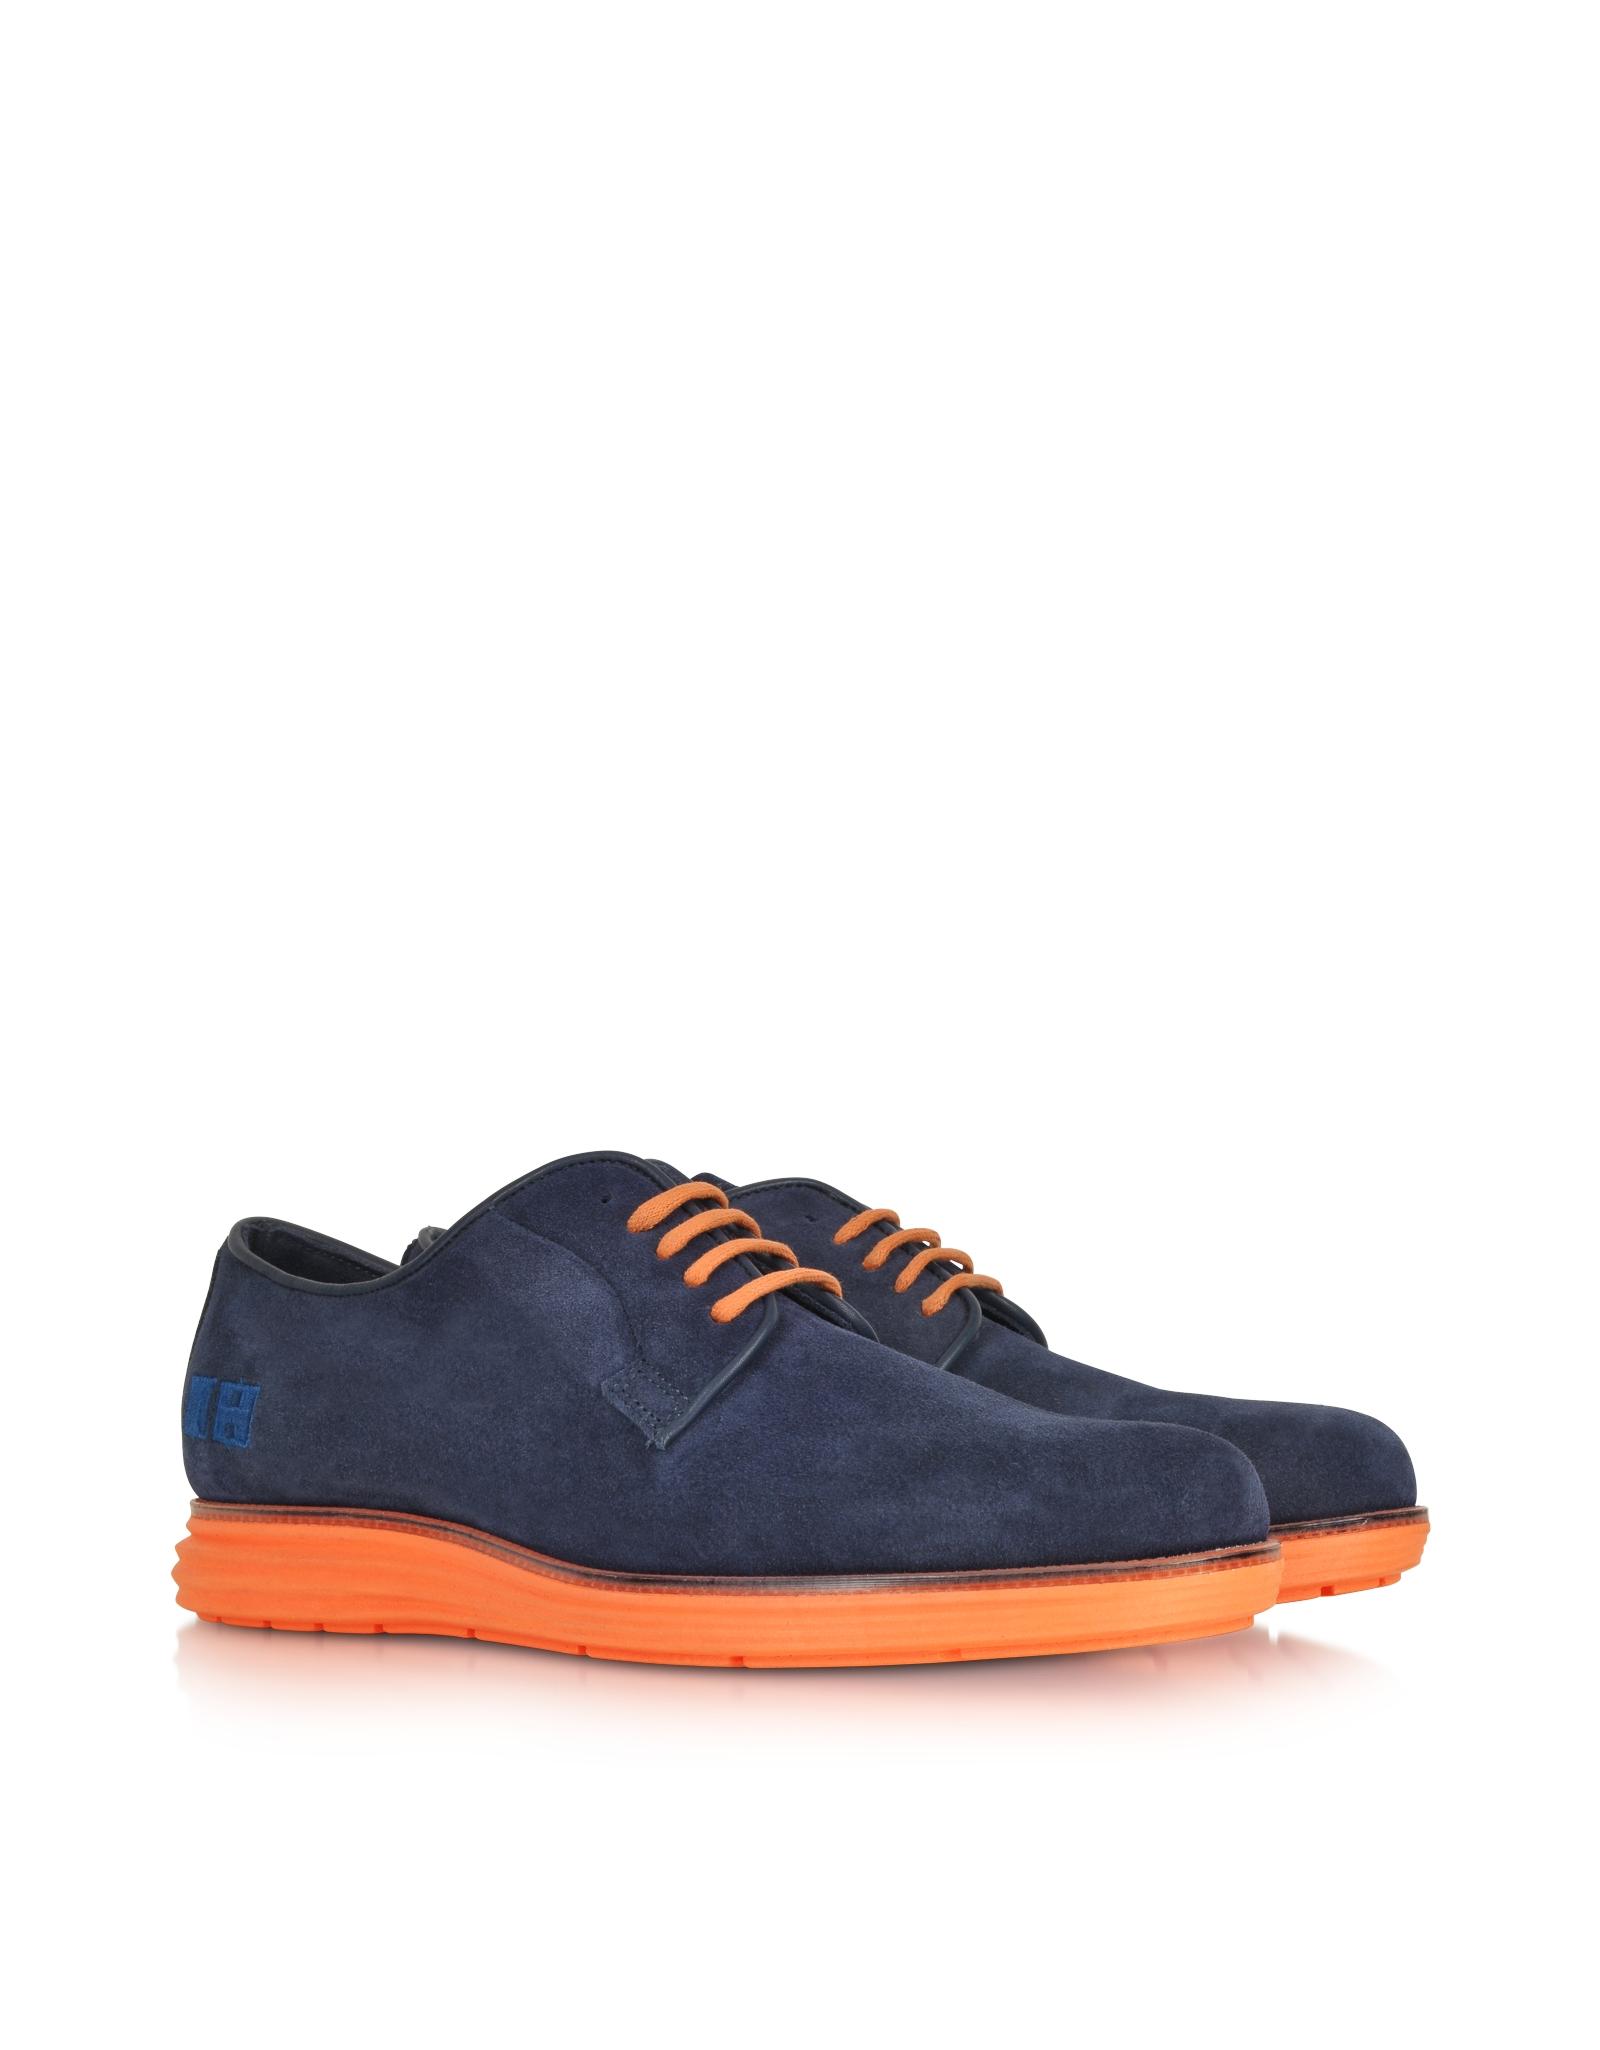 Blue Ocean Shoes